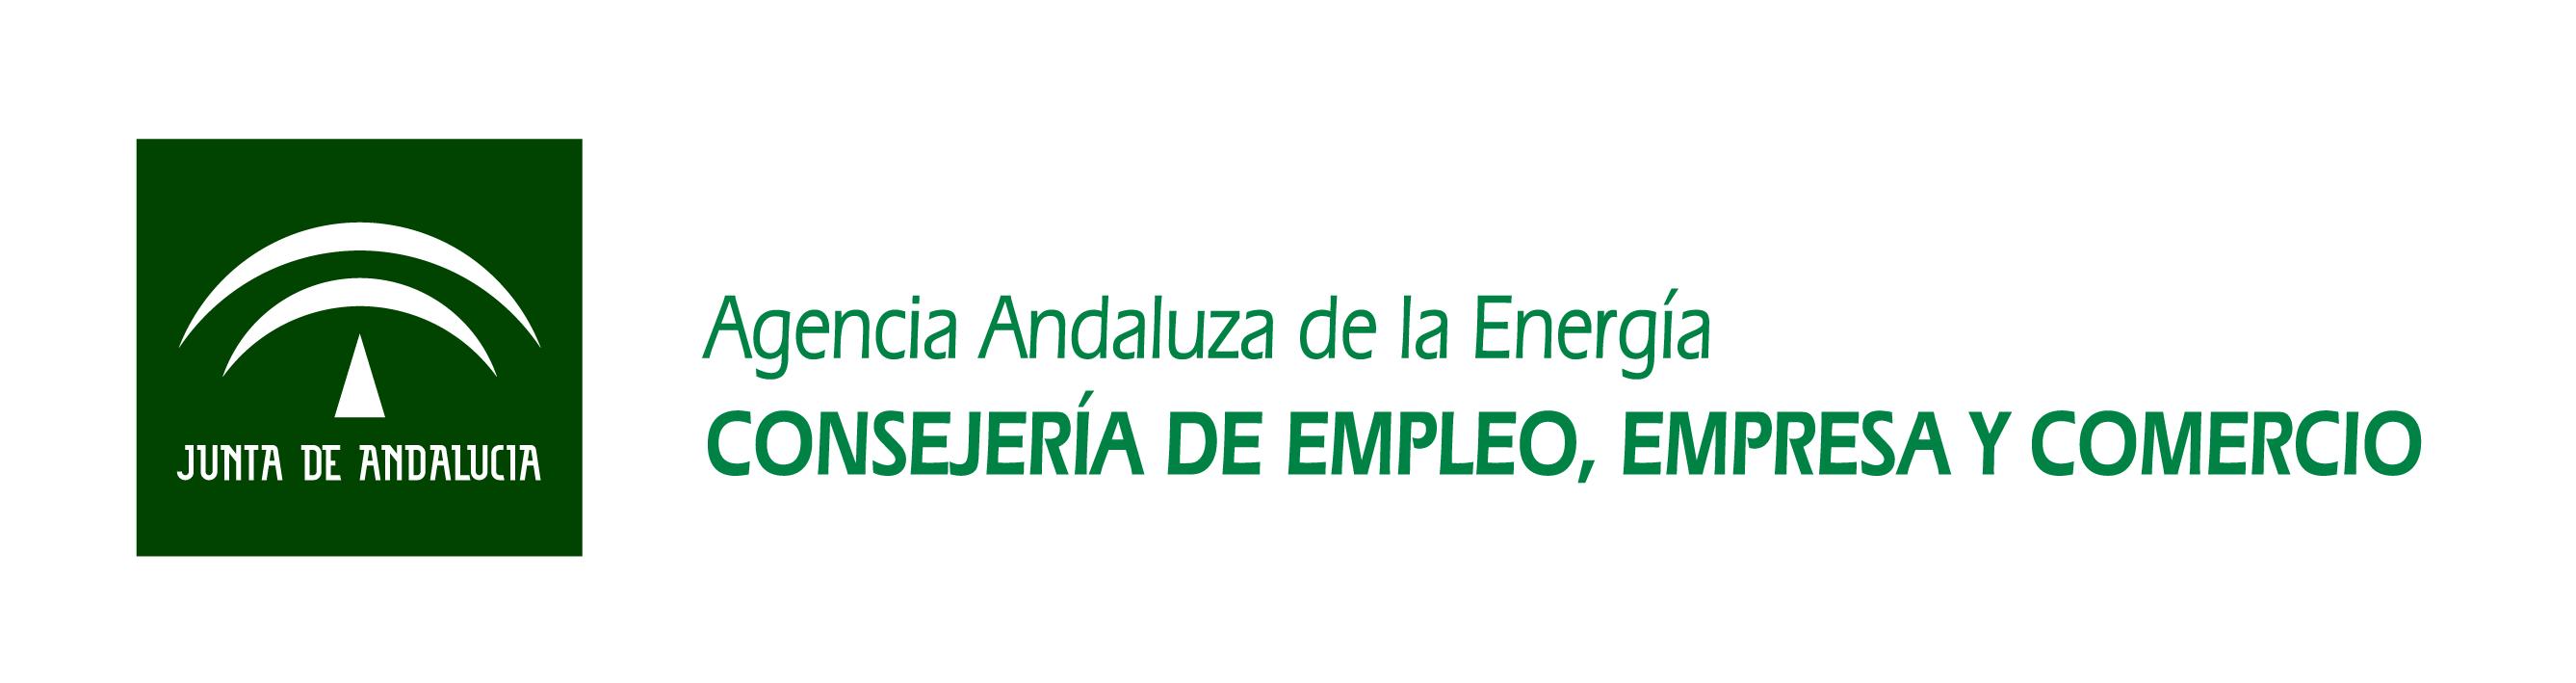 Agencia Andaluza de la Energía (Junta de Andalucía)